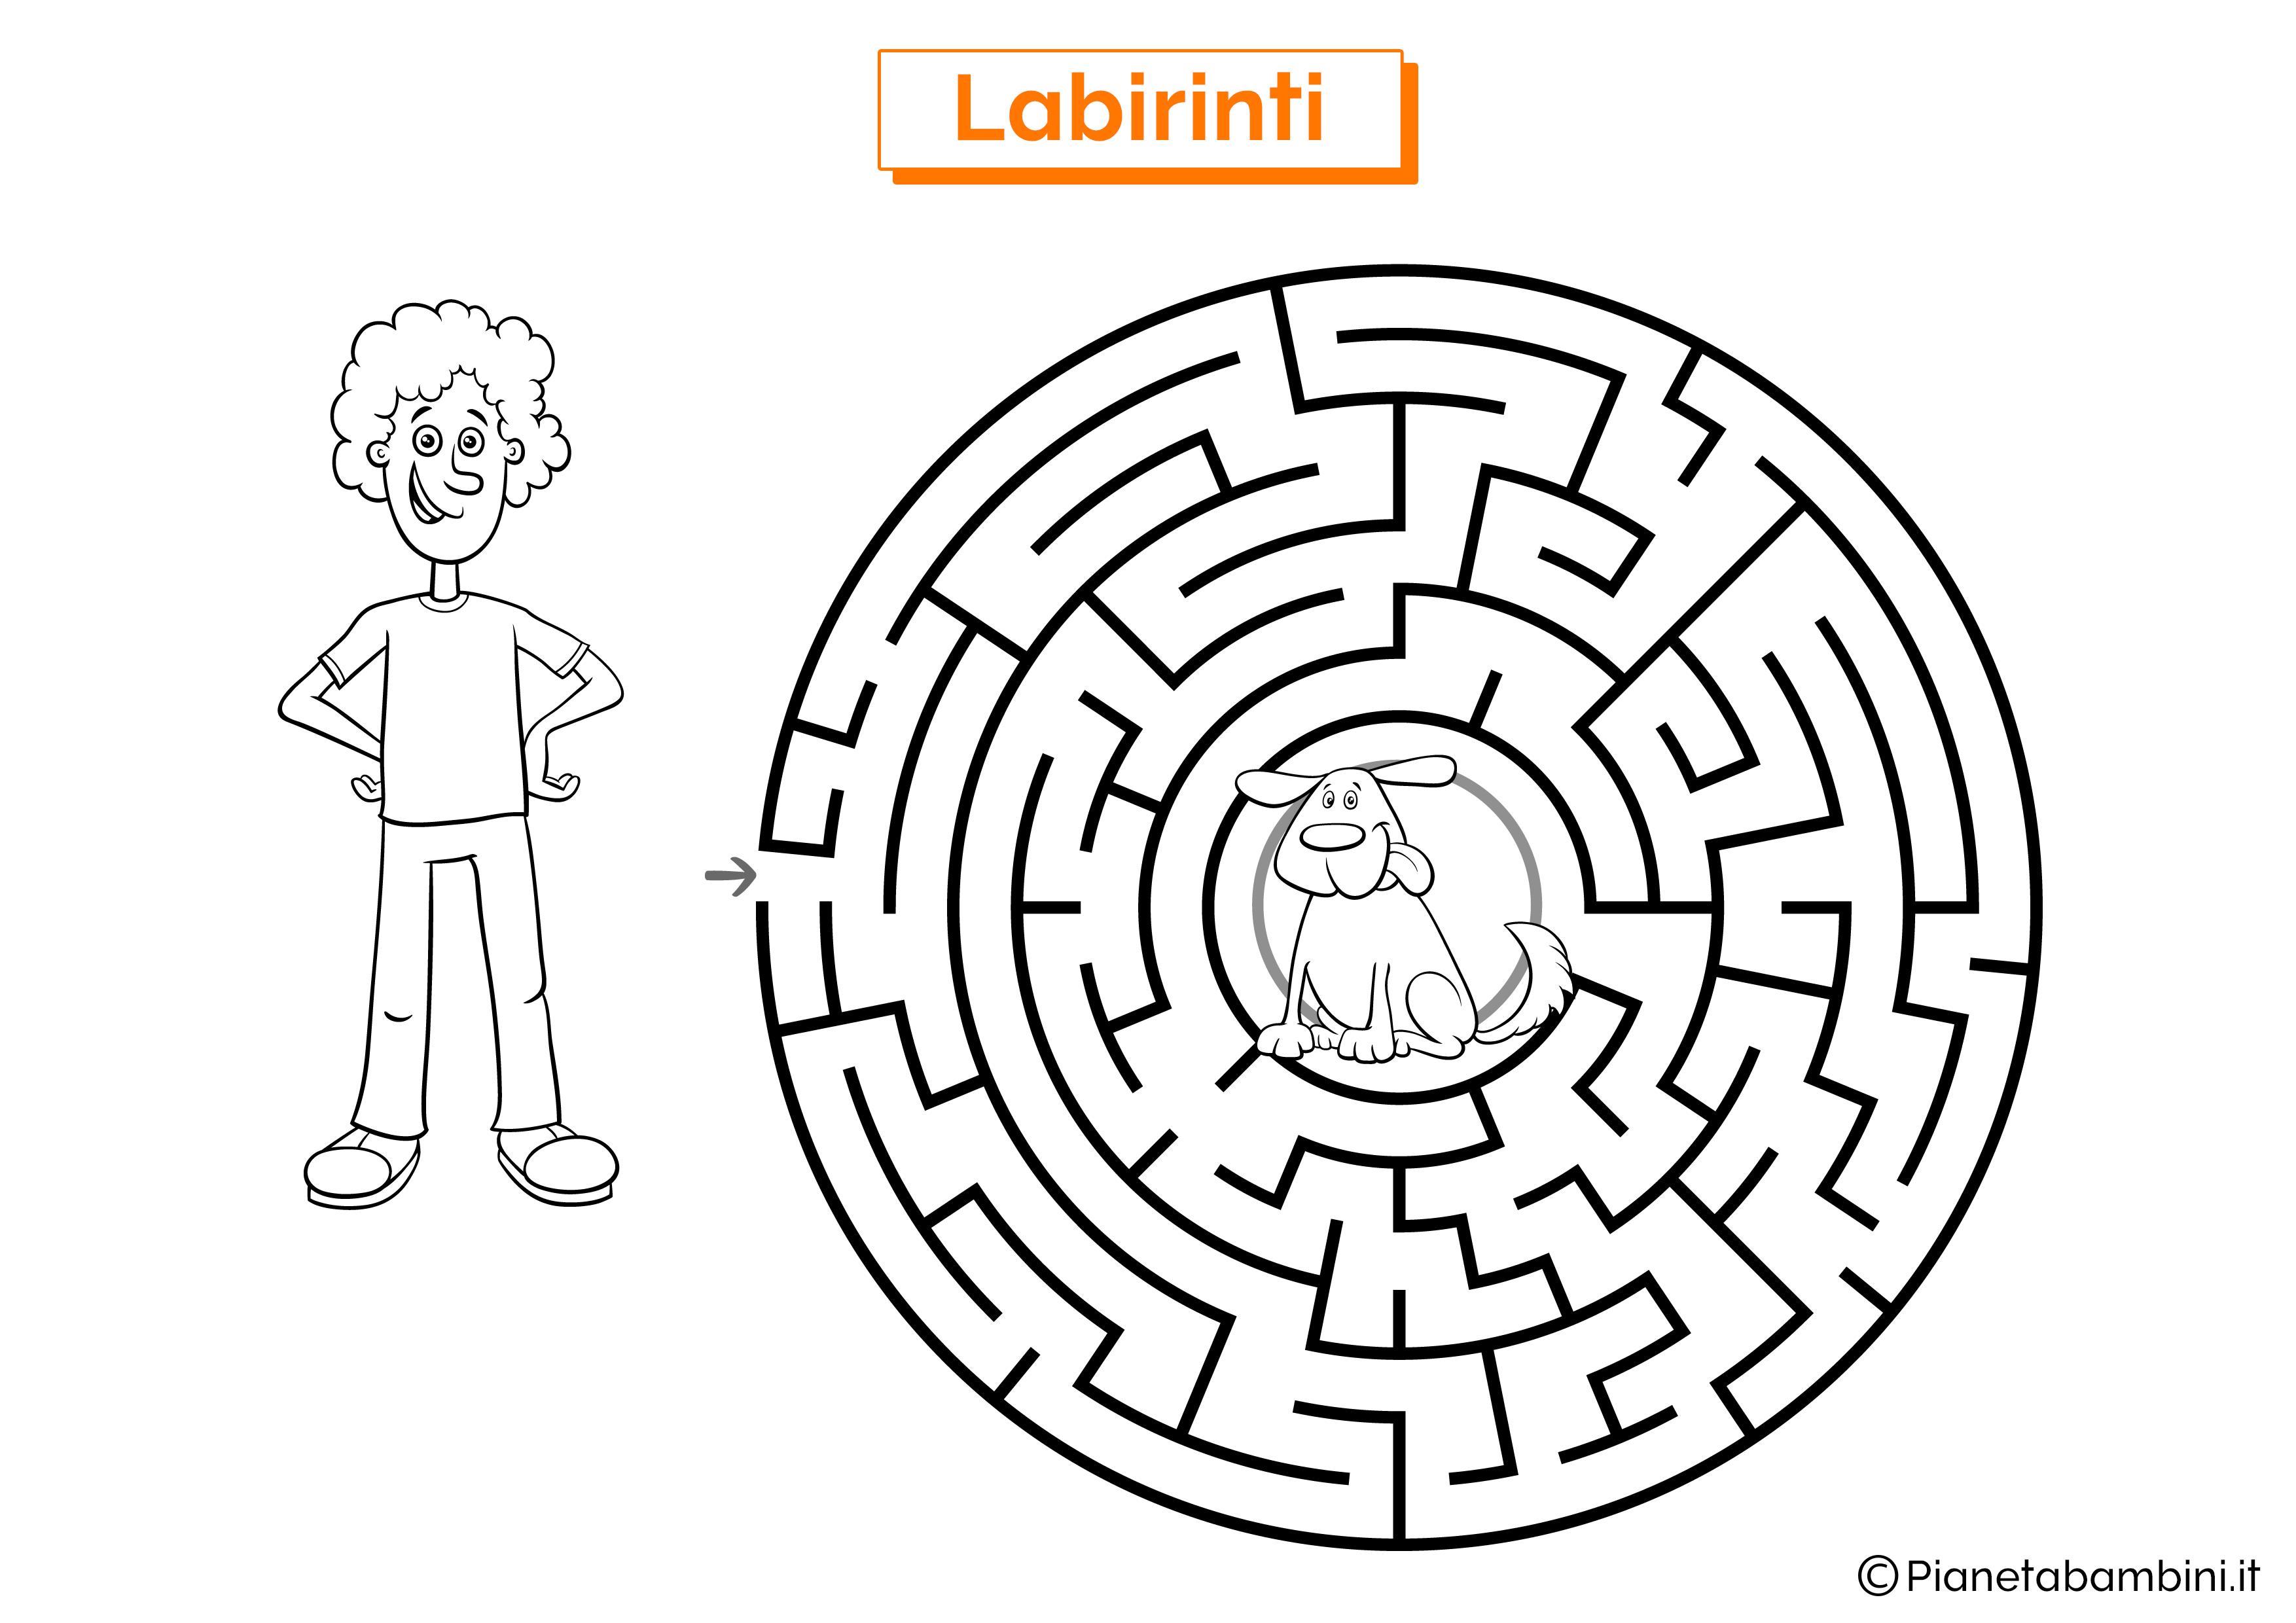 Labirinto con cane e ragazzo da stampare